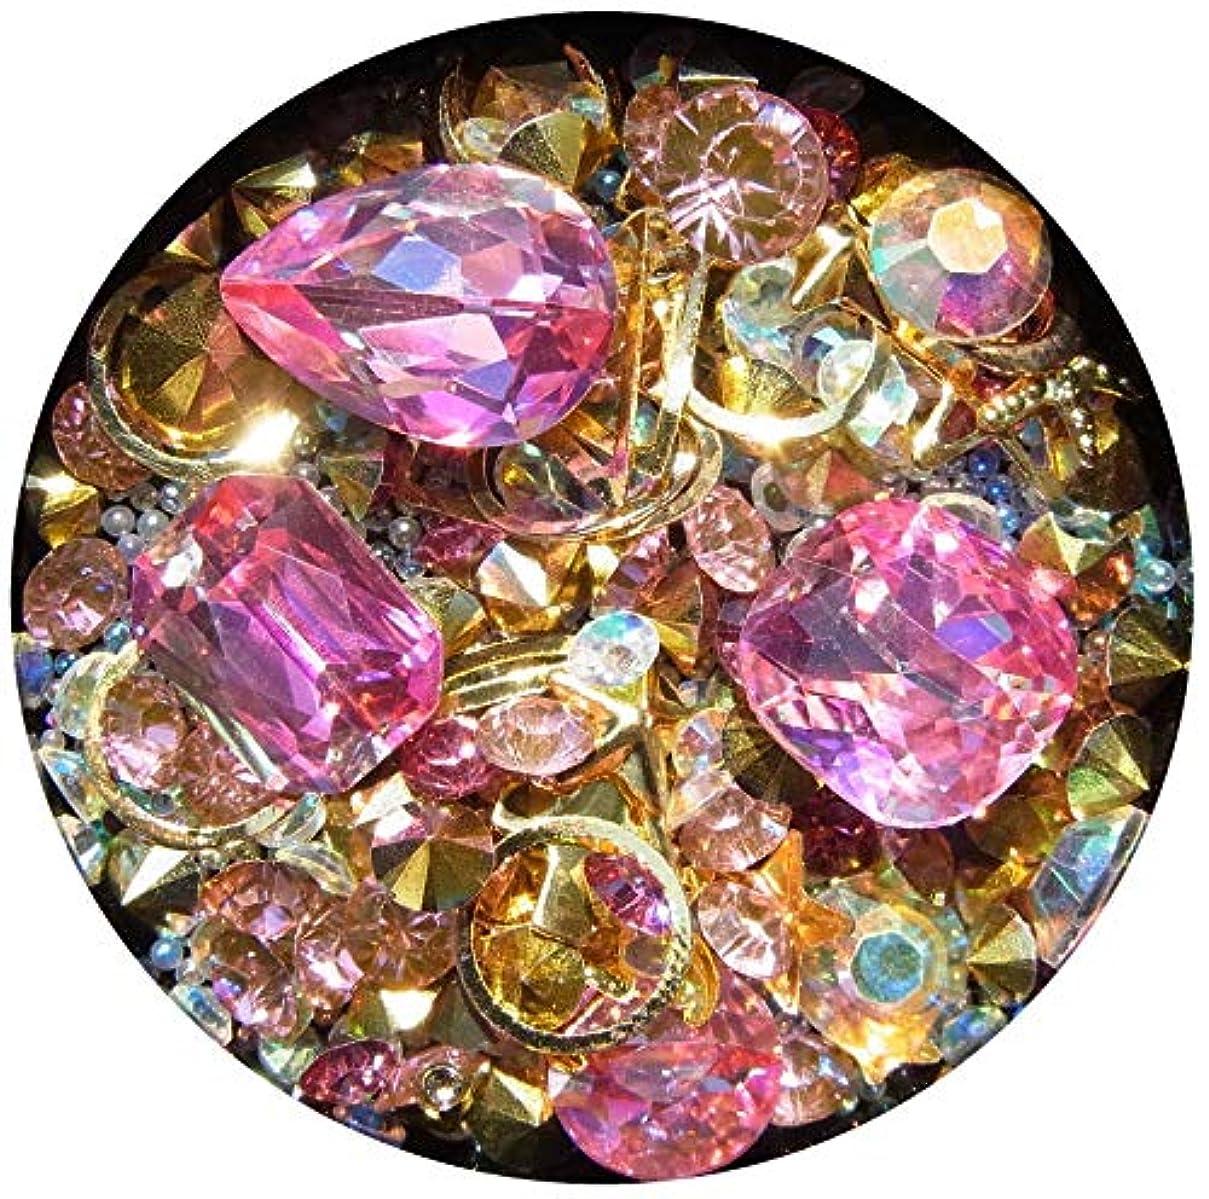 値するベリラブ【jewel】メタルパーツ ミックス ラインストーン カーブ付きフレーム ゴールド ネイルアートパーツ レジン (2)